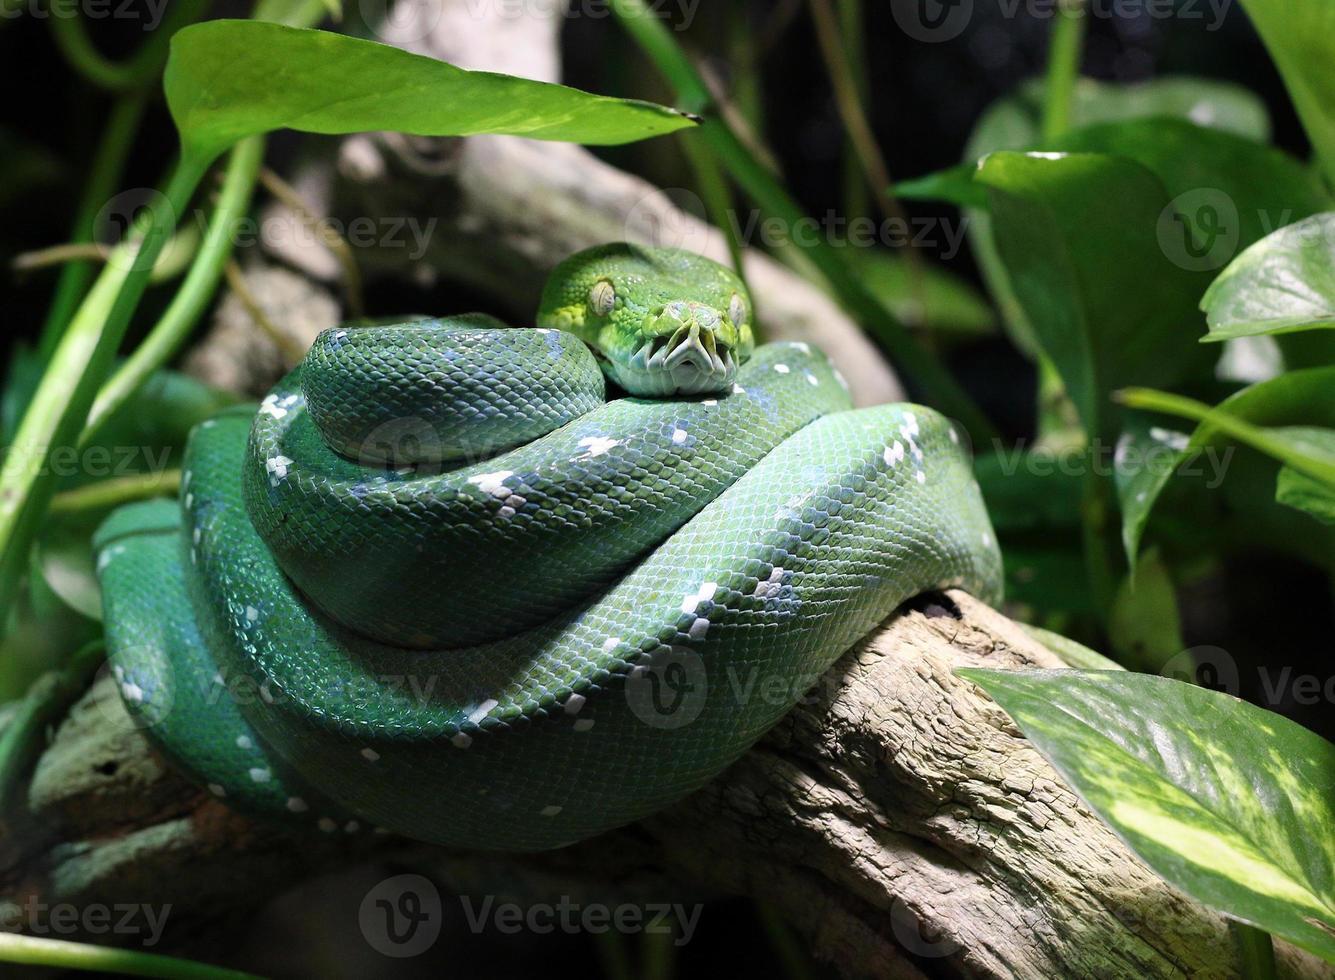 grüne Schlange auf Zweig im Dschungel foto